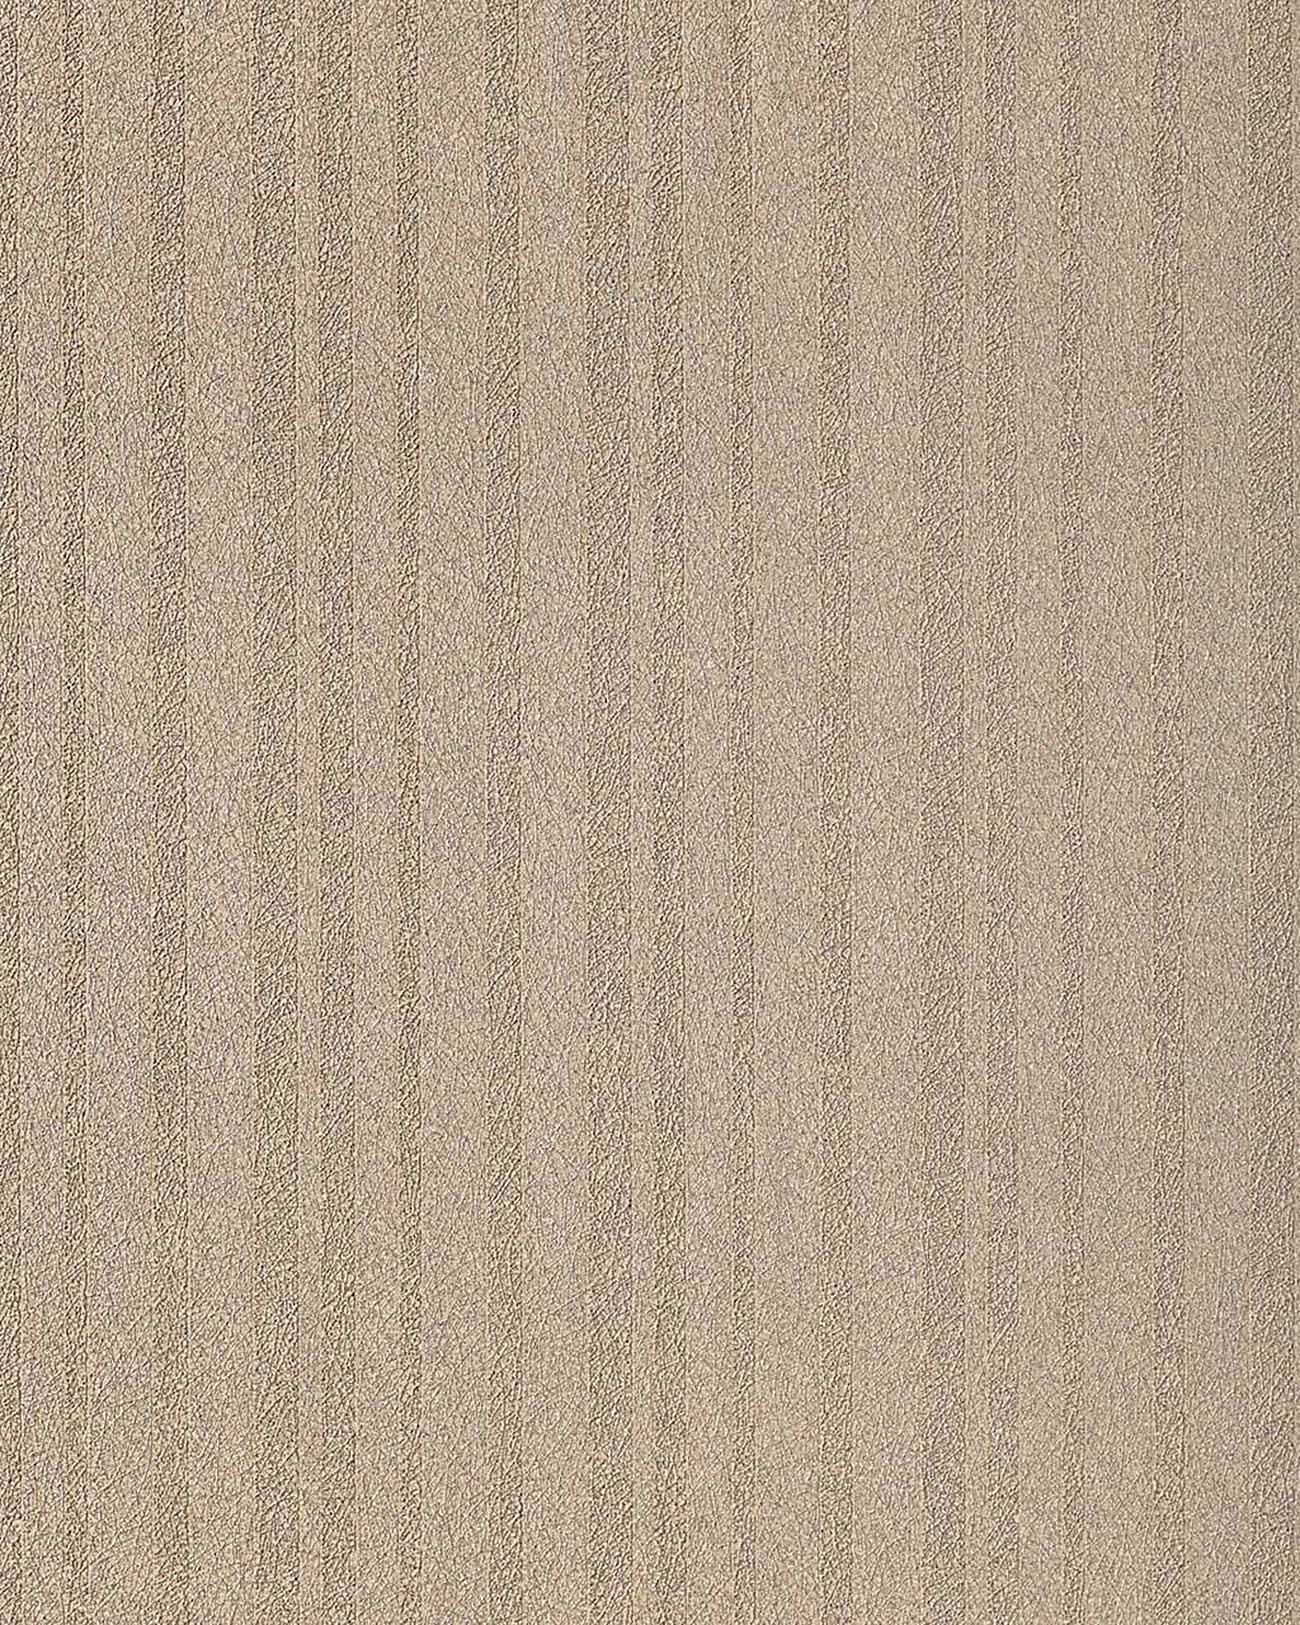 Papel pintado unicolor edem 1015 13 moderno con textura de - Papeles pintados rayas ...